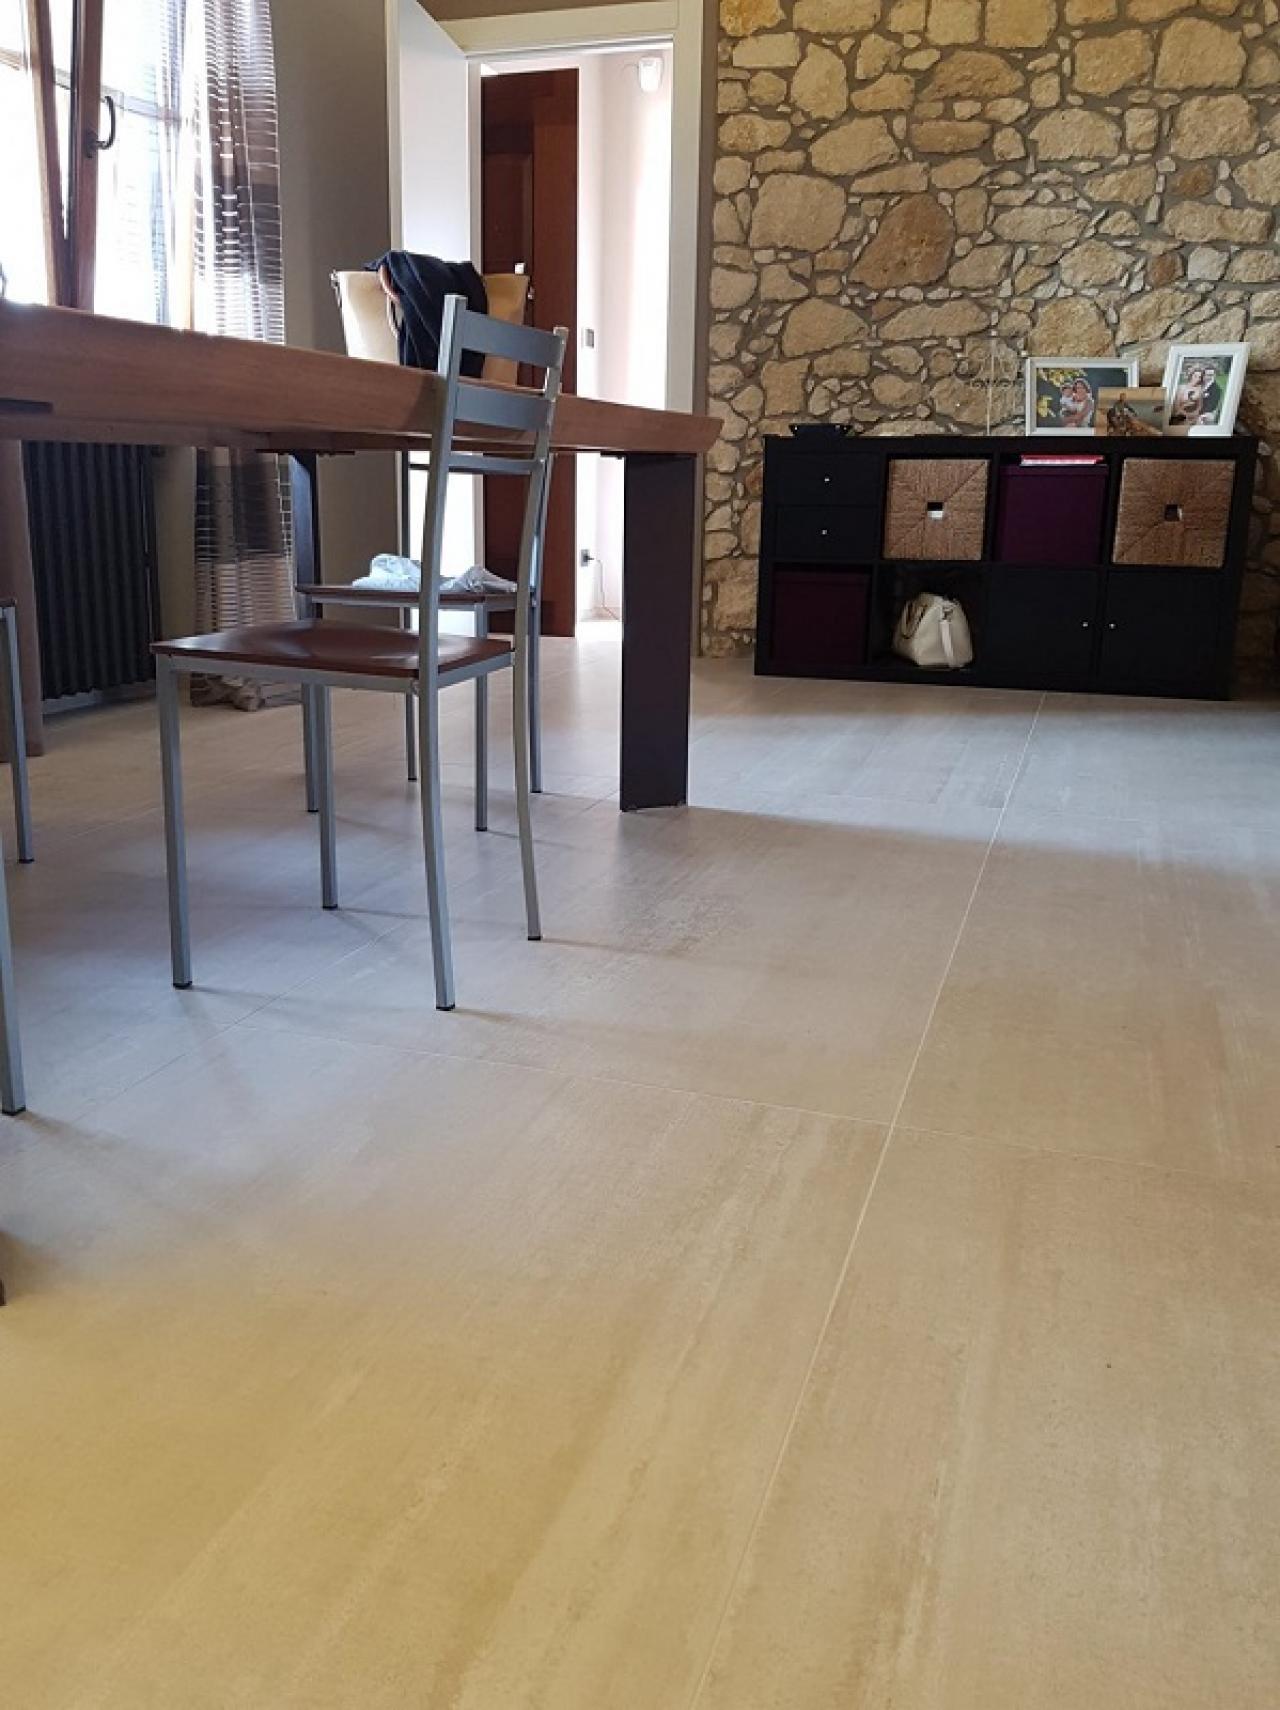 Pavimenti Chiari O Scuri Criteri Per La Scelta Fratelli